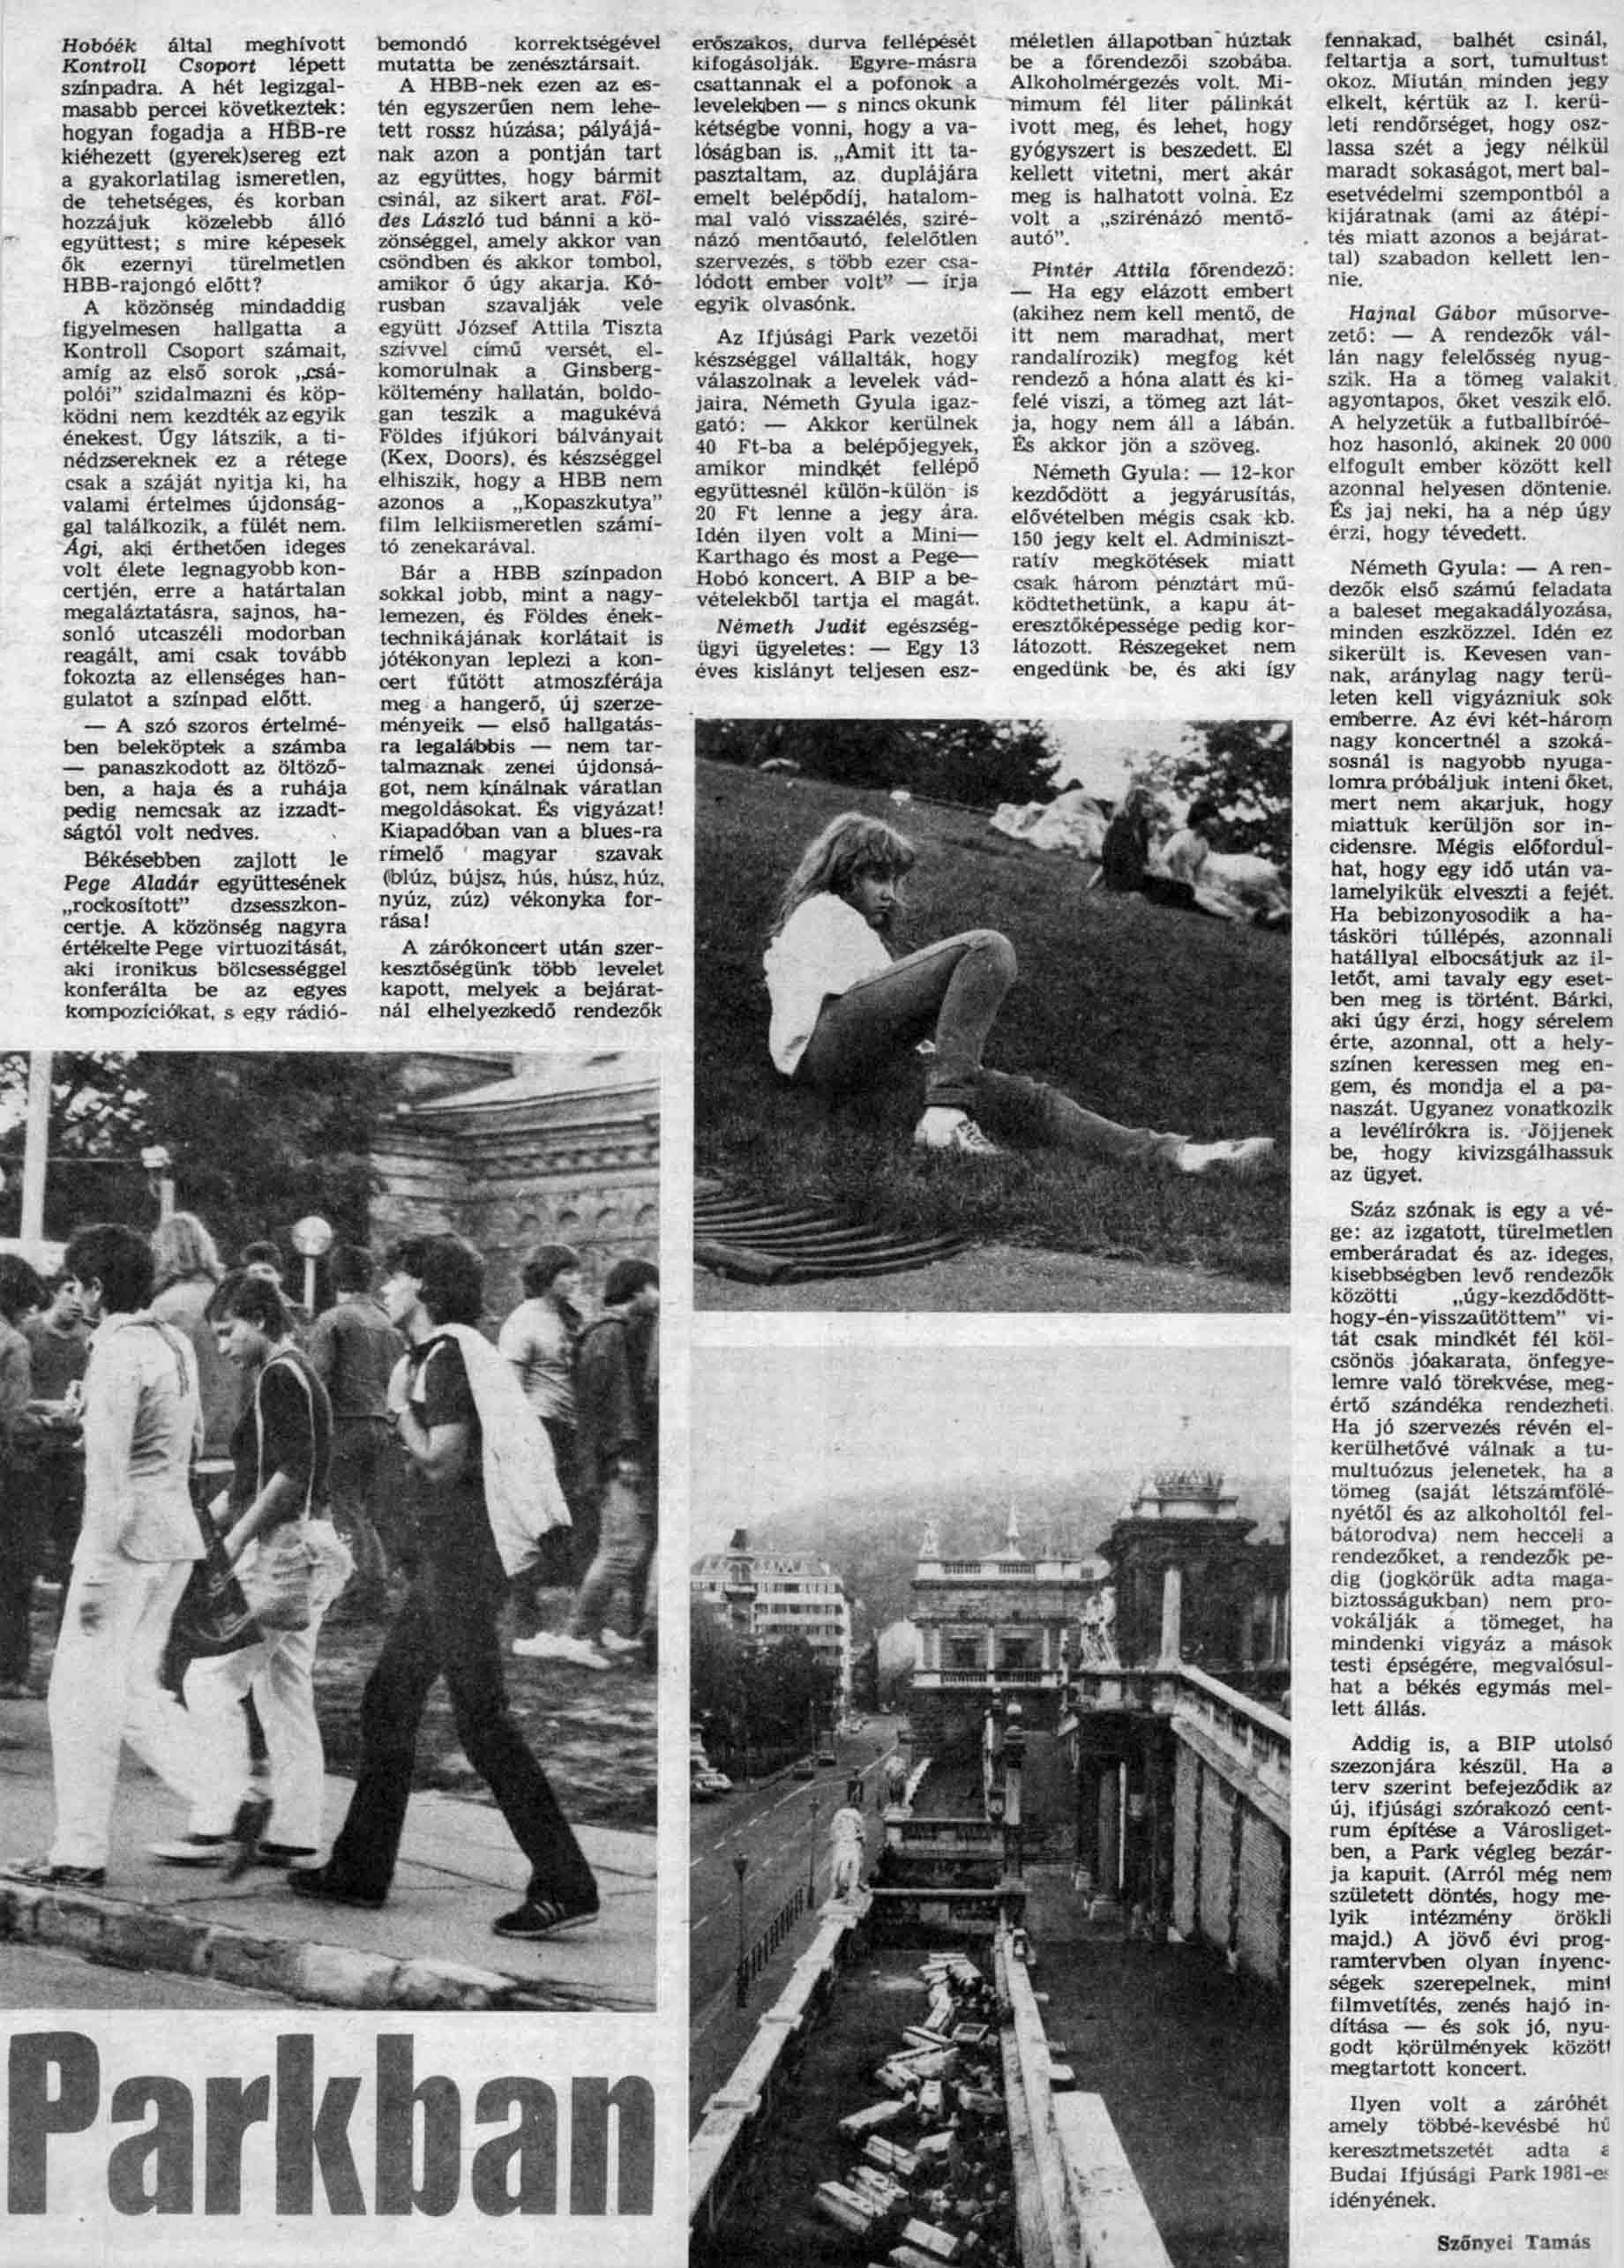 Magyar Ifjúság 1981.11.13 - 46. szam - Szőnyei Tamás cikke - 2. oldal